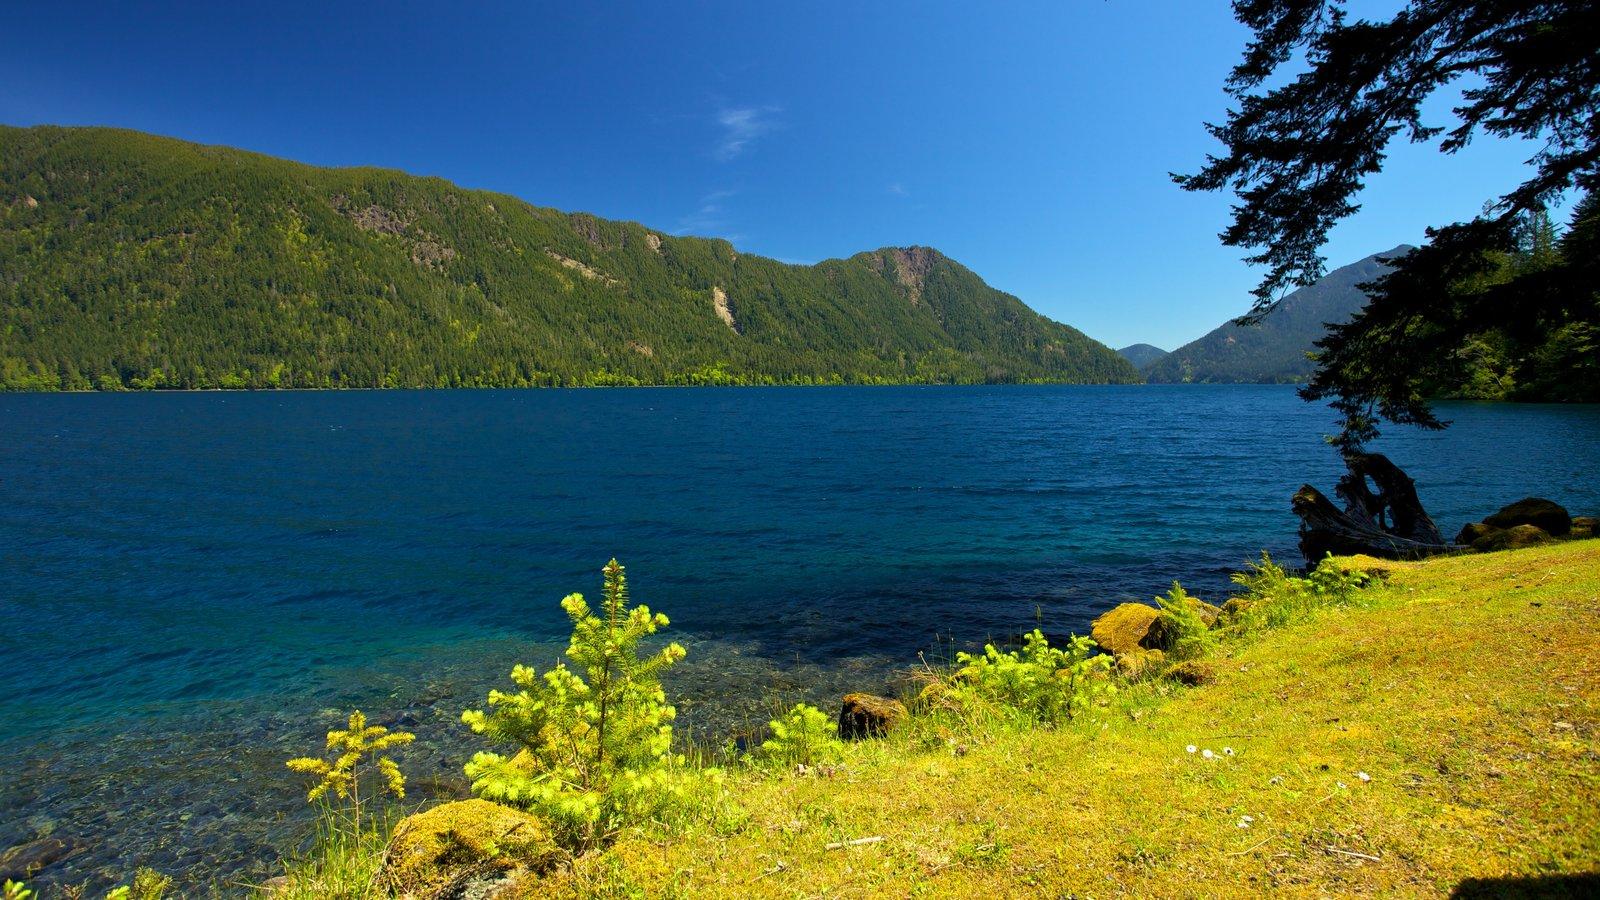 Parque Nacional Olympic que incluye vistas de paisajes, un lago o abrevadero y montañas